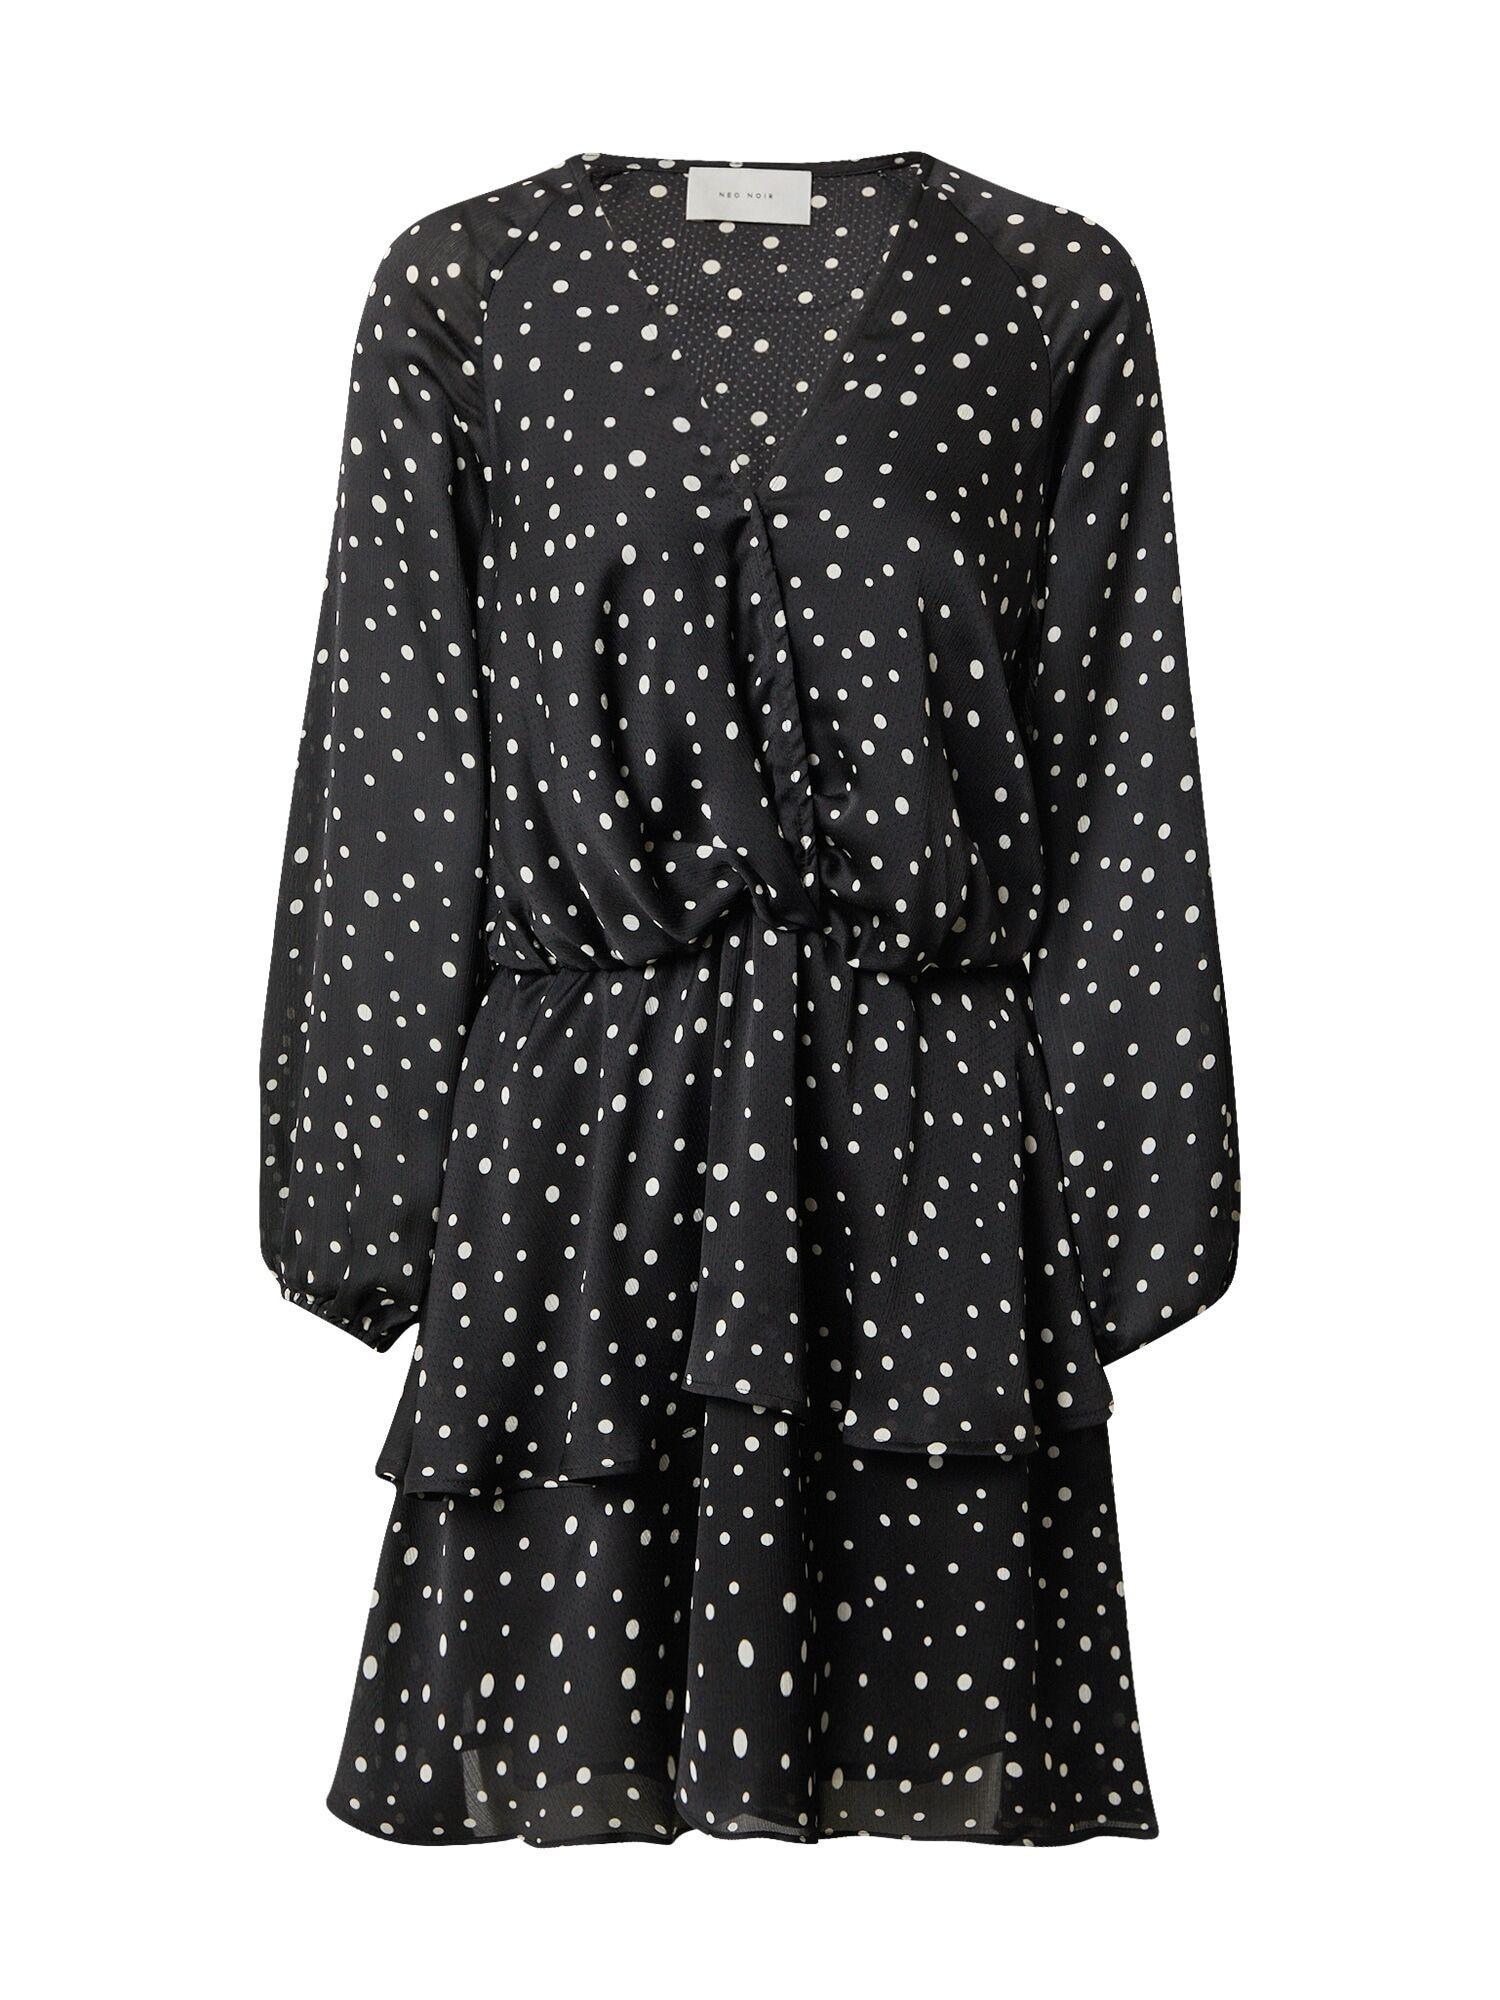 Neo Noir Robe 'Aurora'  - Noir - Taille: L - female